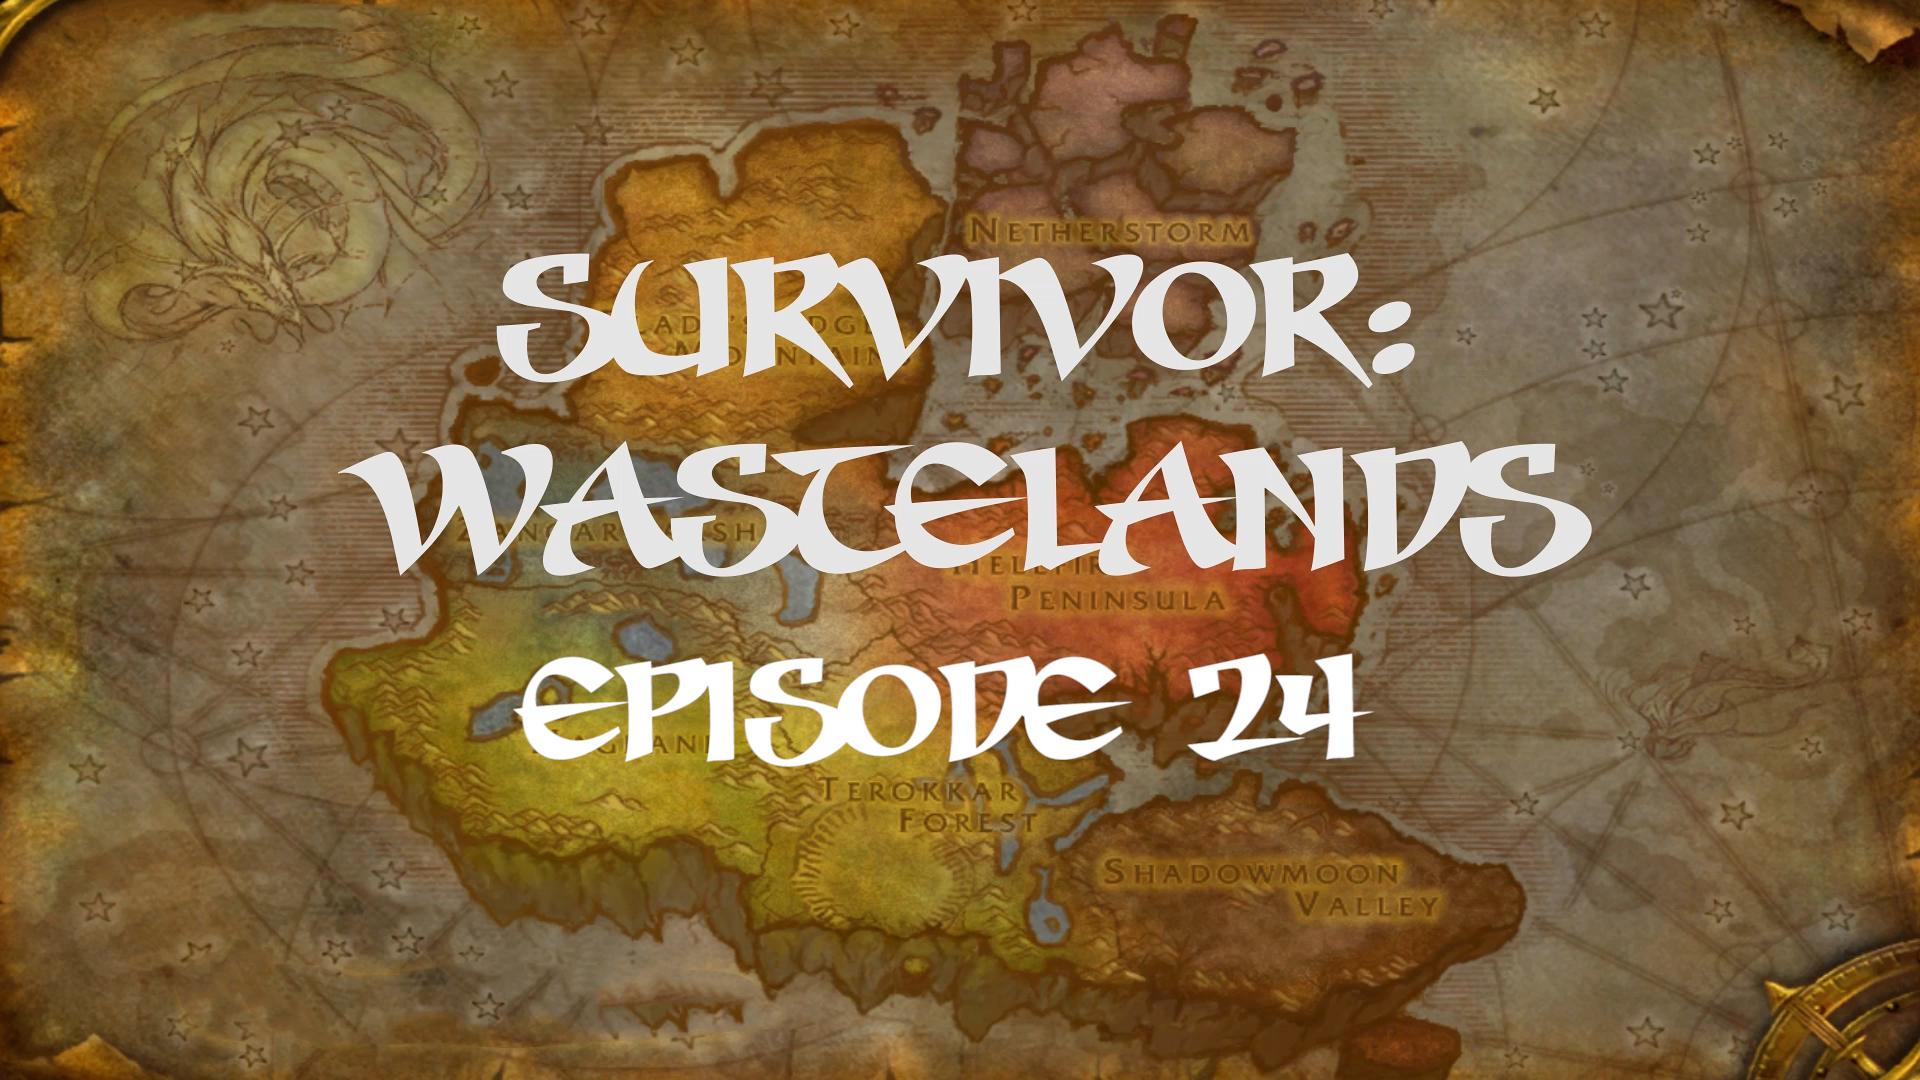 Survivor Wastelands Episode 24.jpg